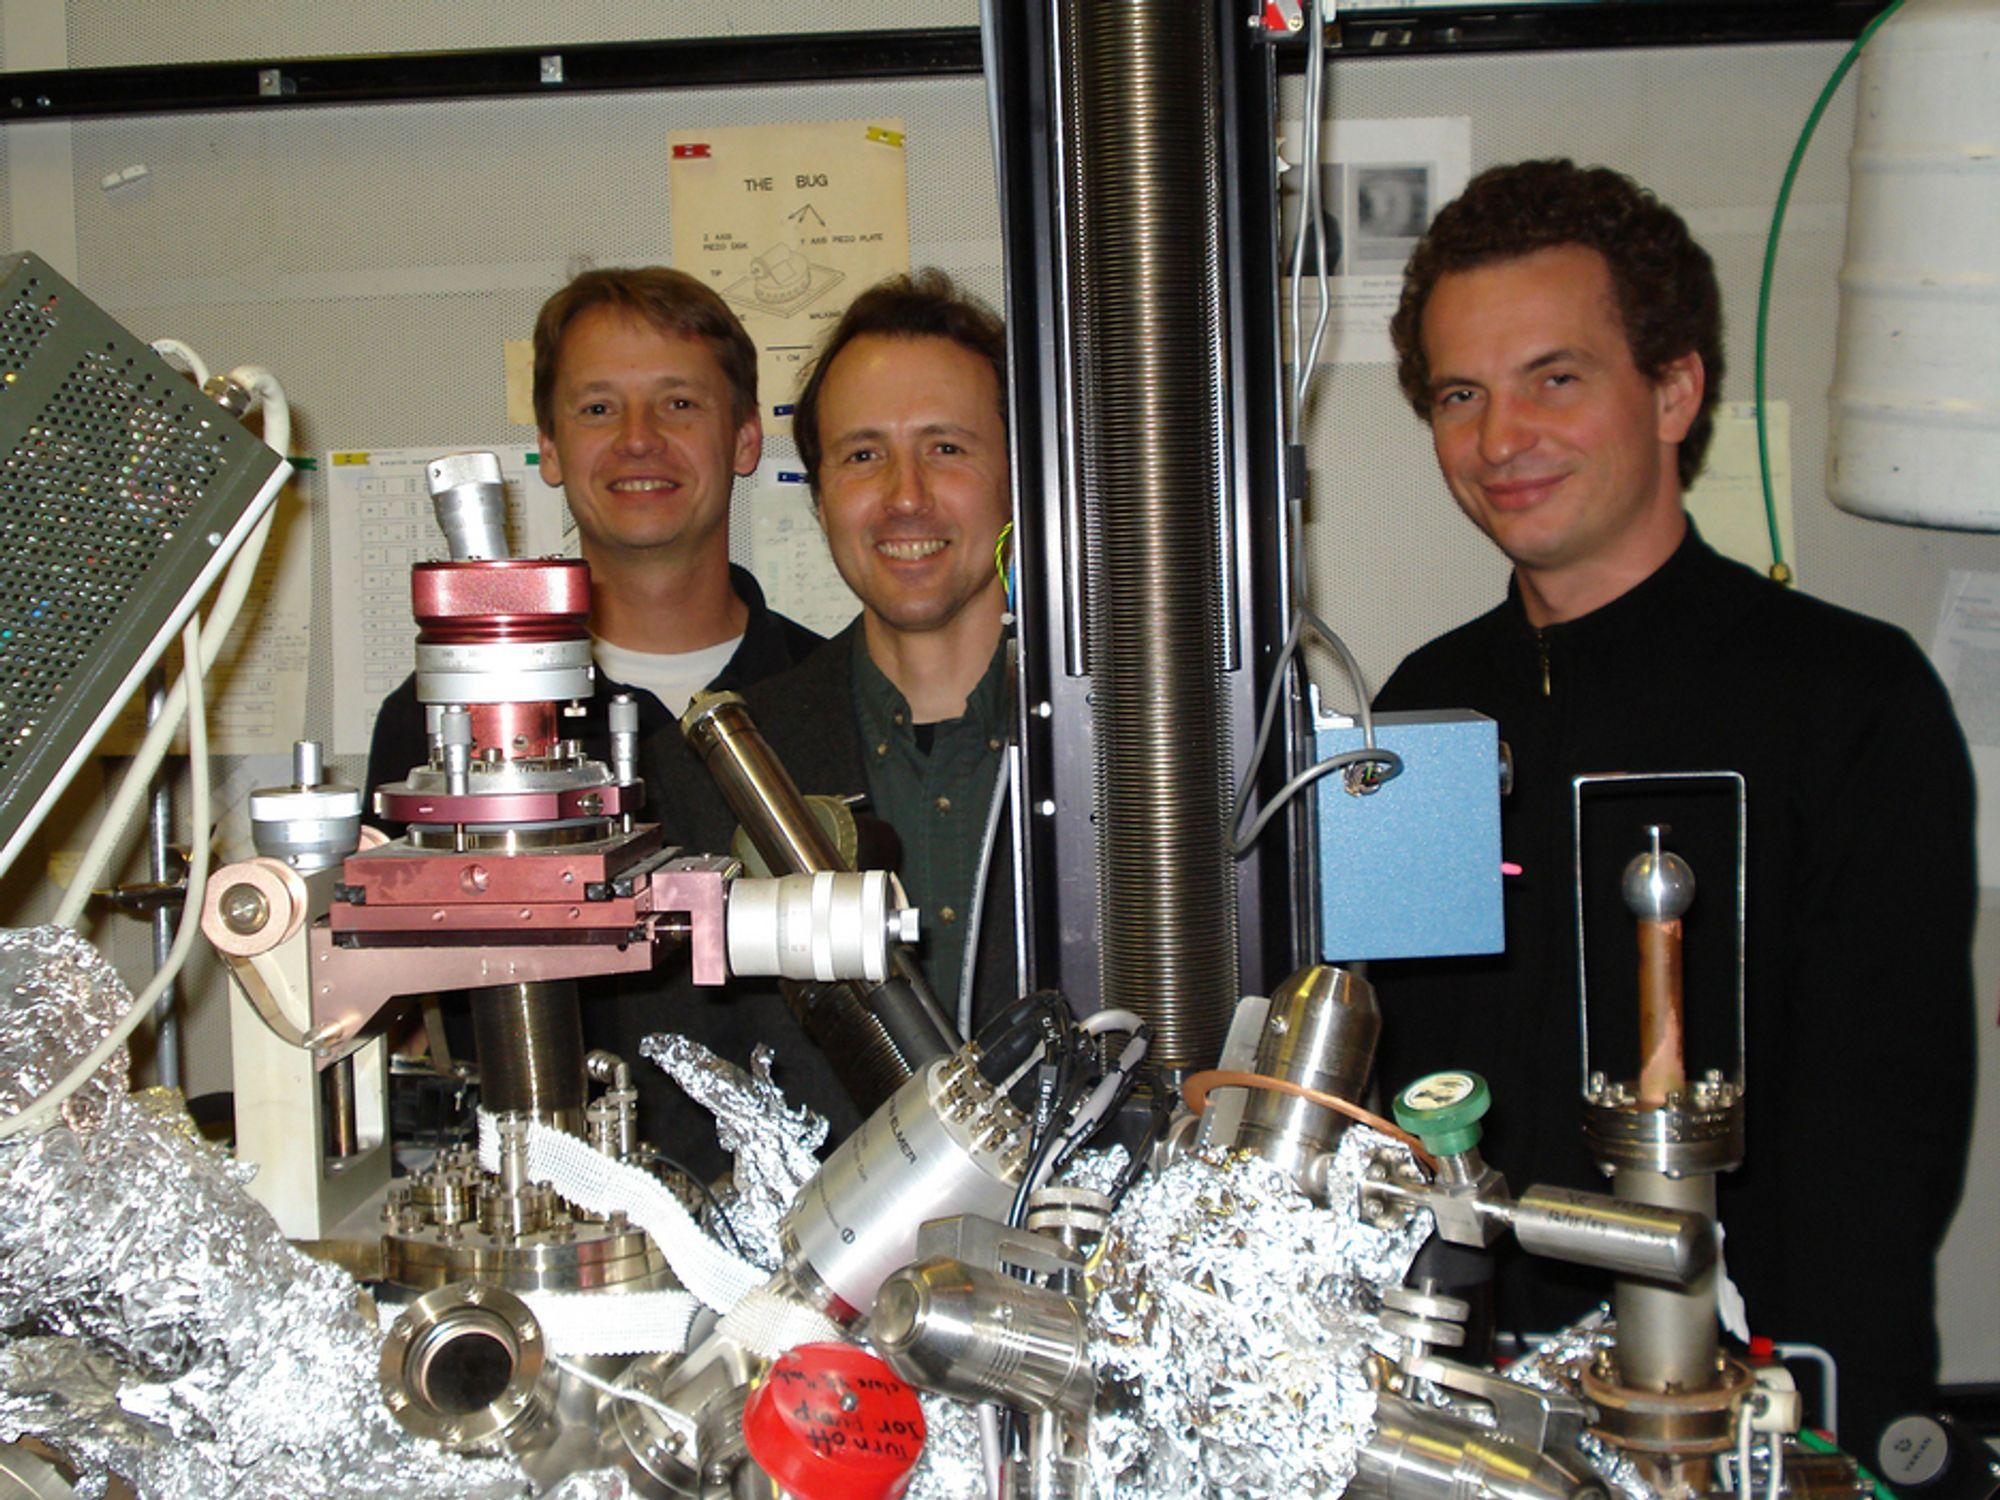 SUPERKRYMPERE: Forskningssjef Markus Ternes til venstre med kollegene Chris Lutz og Andreas Heinrich ved IBMs forskningssenter i California ser for seg elektroniske kretser som er noen atomer i bredden.